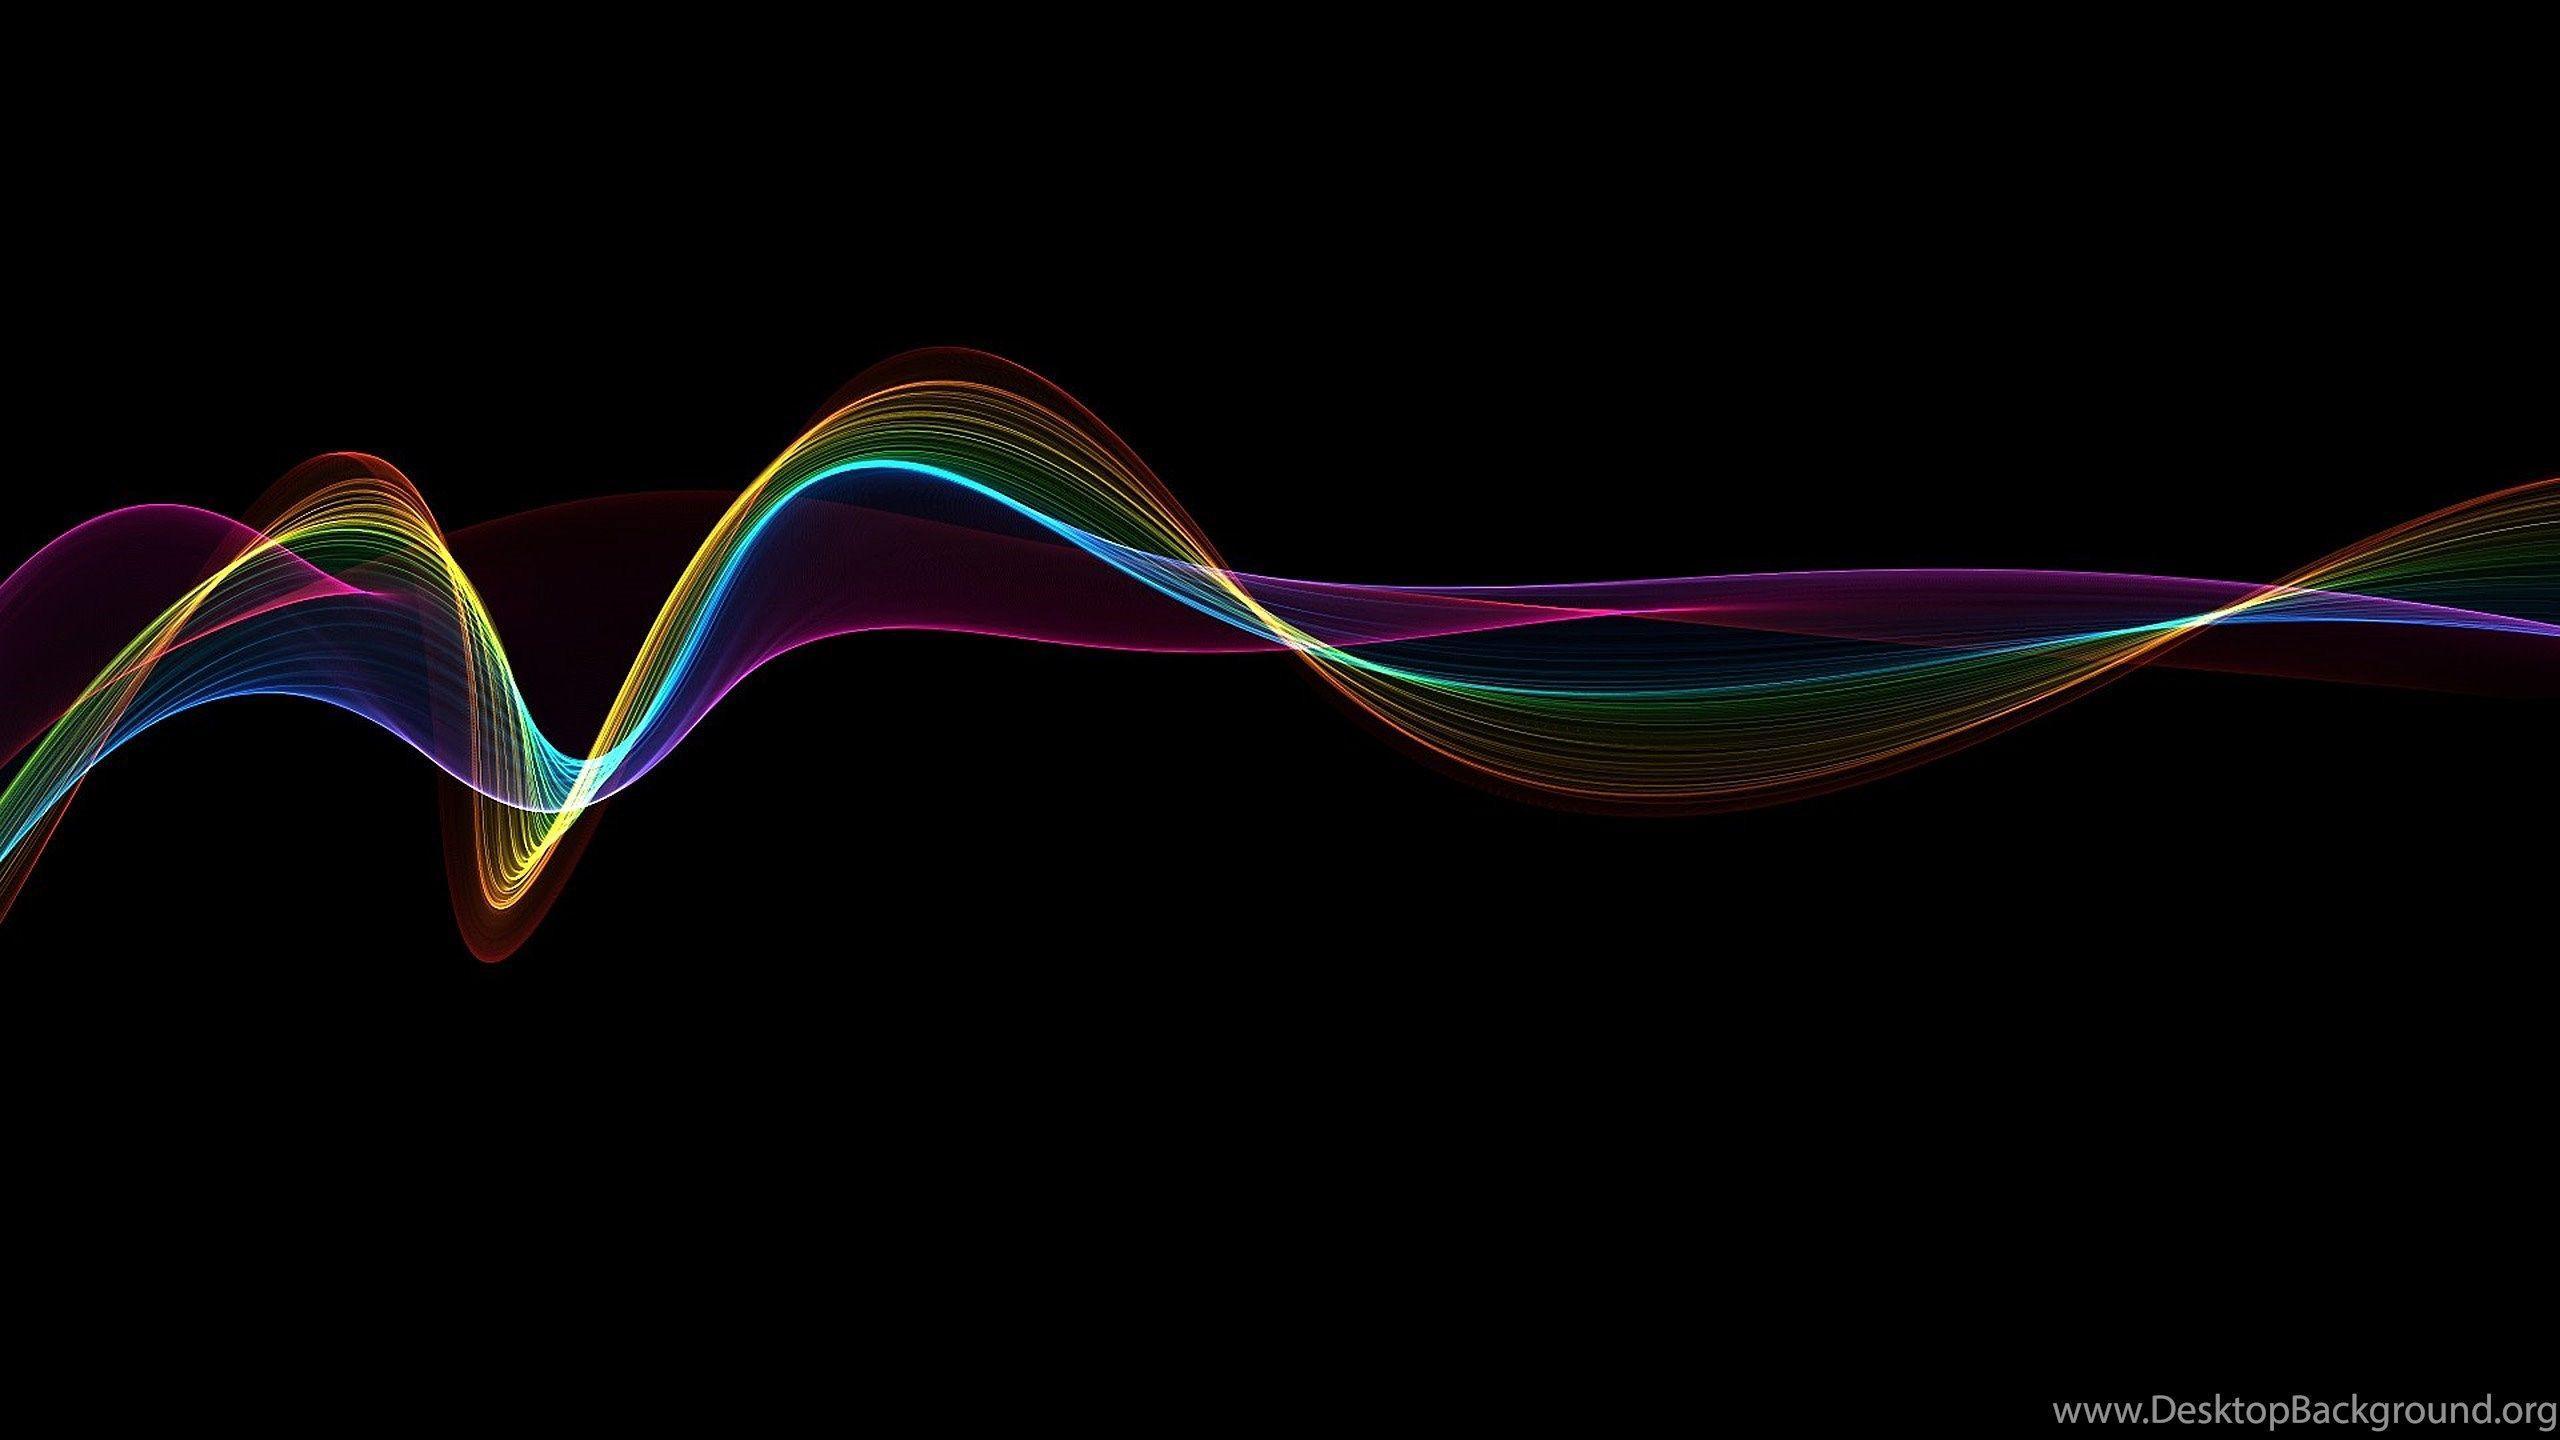 Dark Rainbow Wallpaper 4k